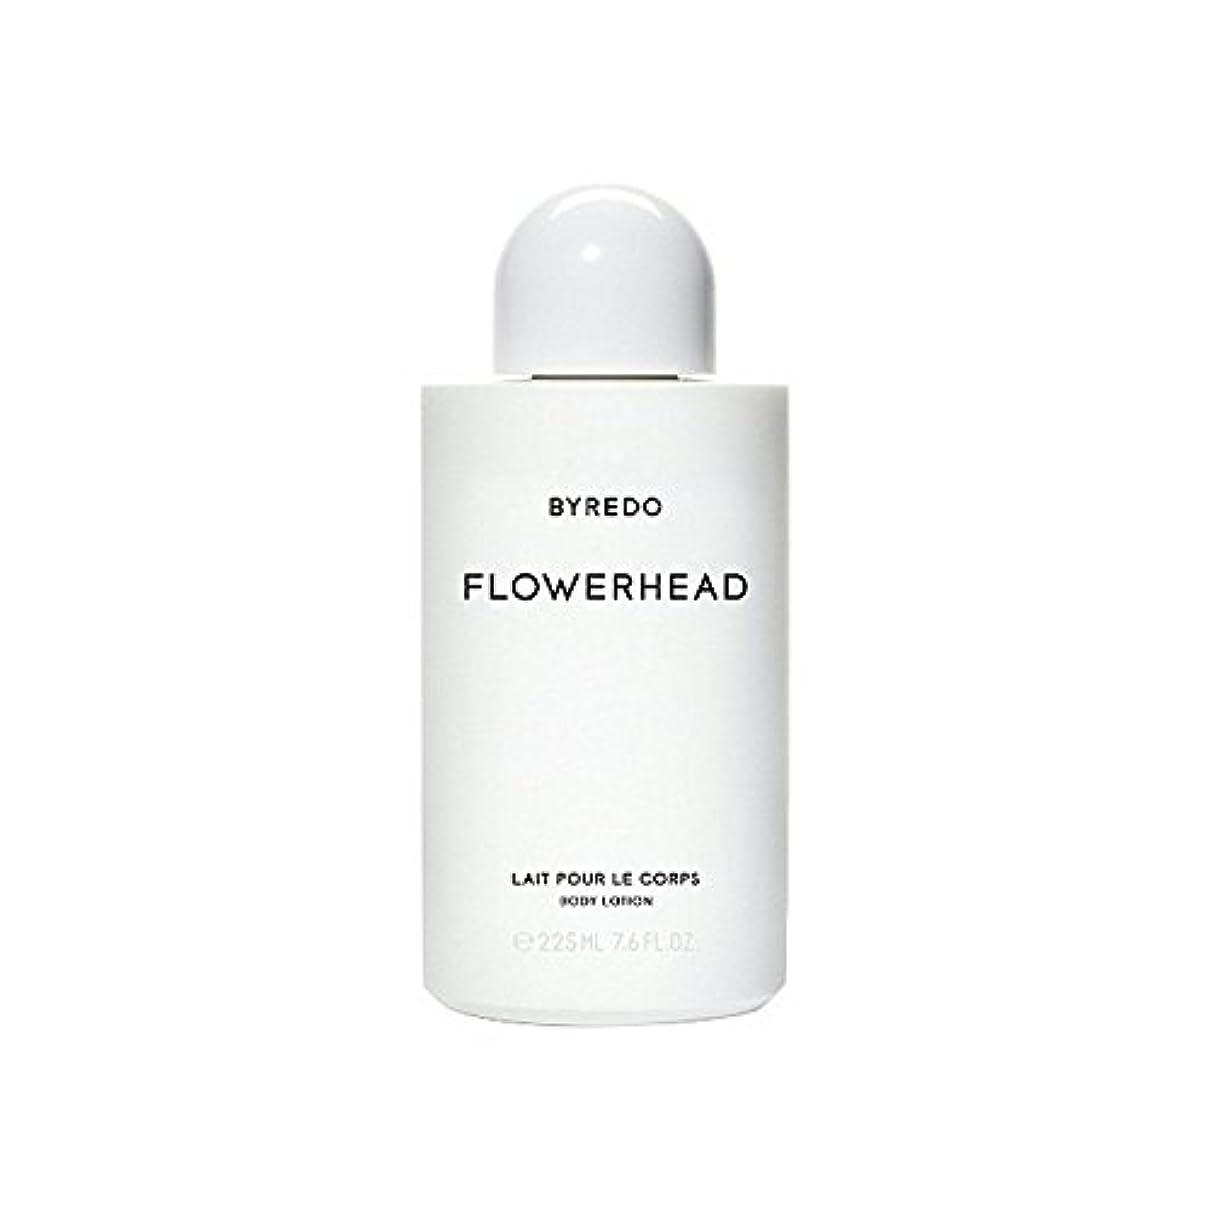 祖先ヨーロッパゴミ箱ボディローション225ミリリットル x2 - Byredo Flowerhead Body Lotion 225ml (Pack of 2) [並行輸入品]